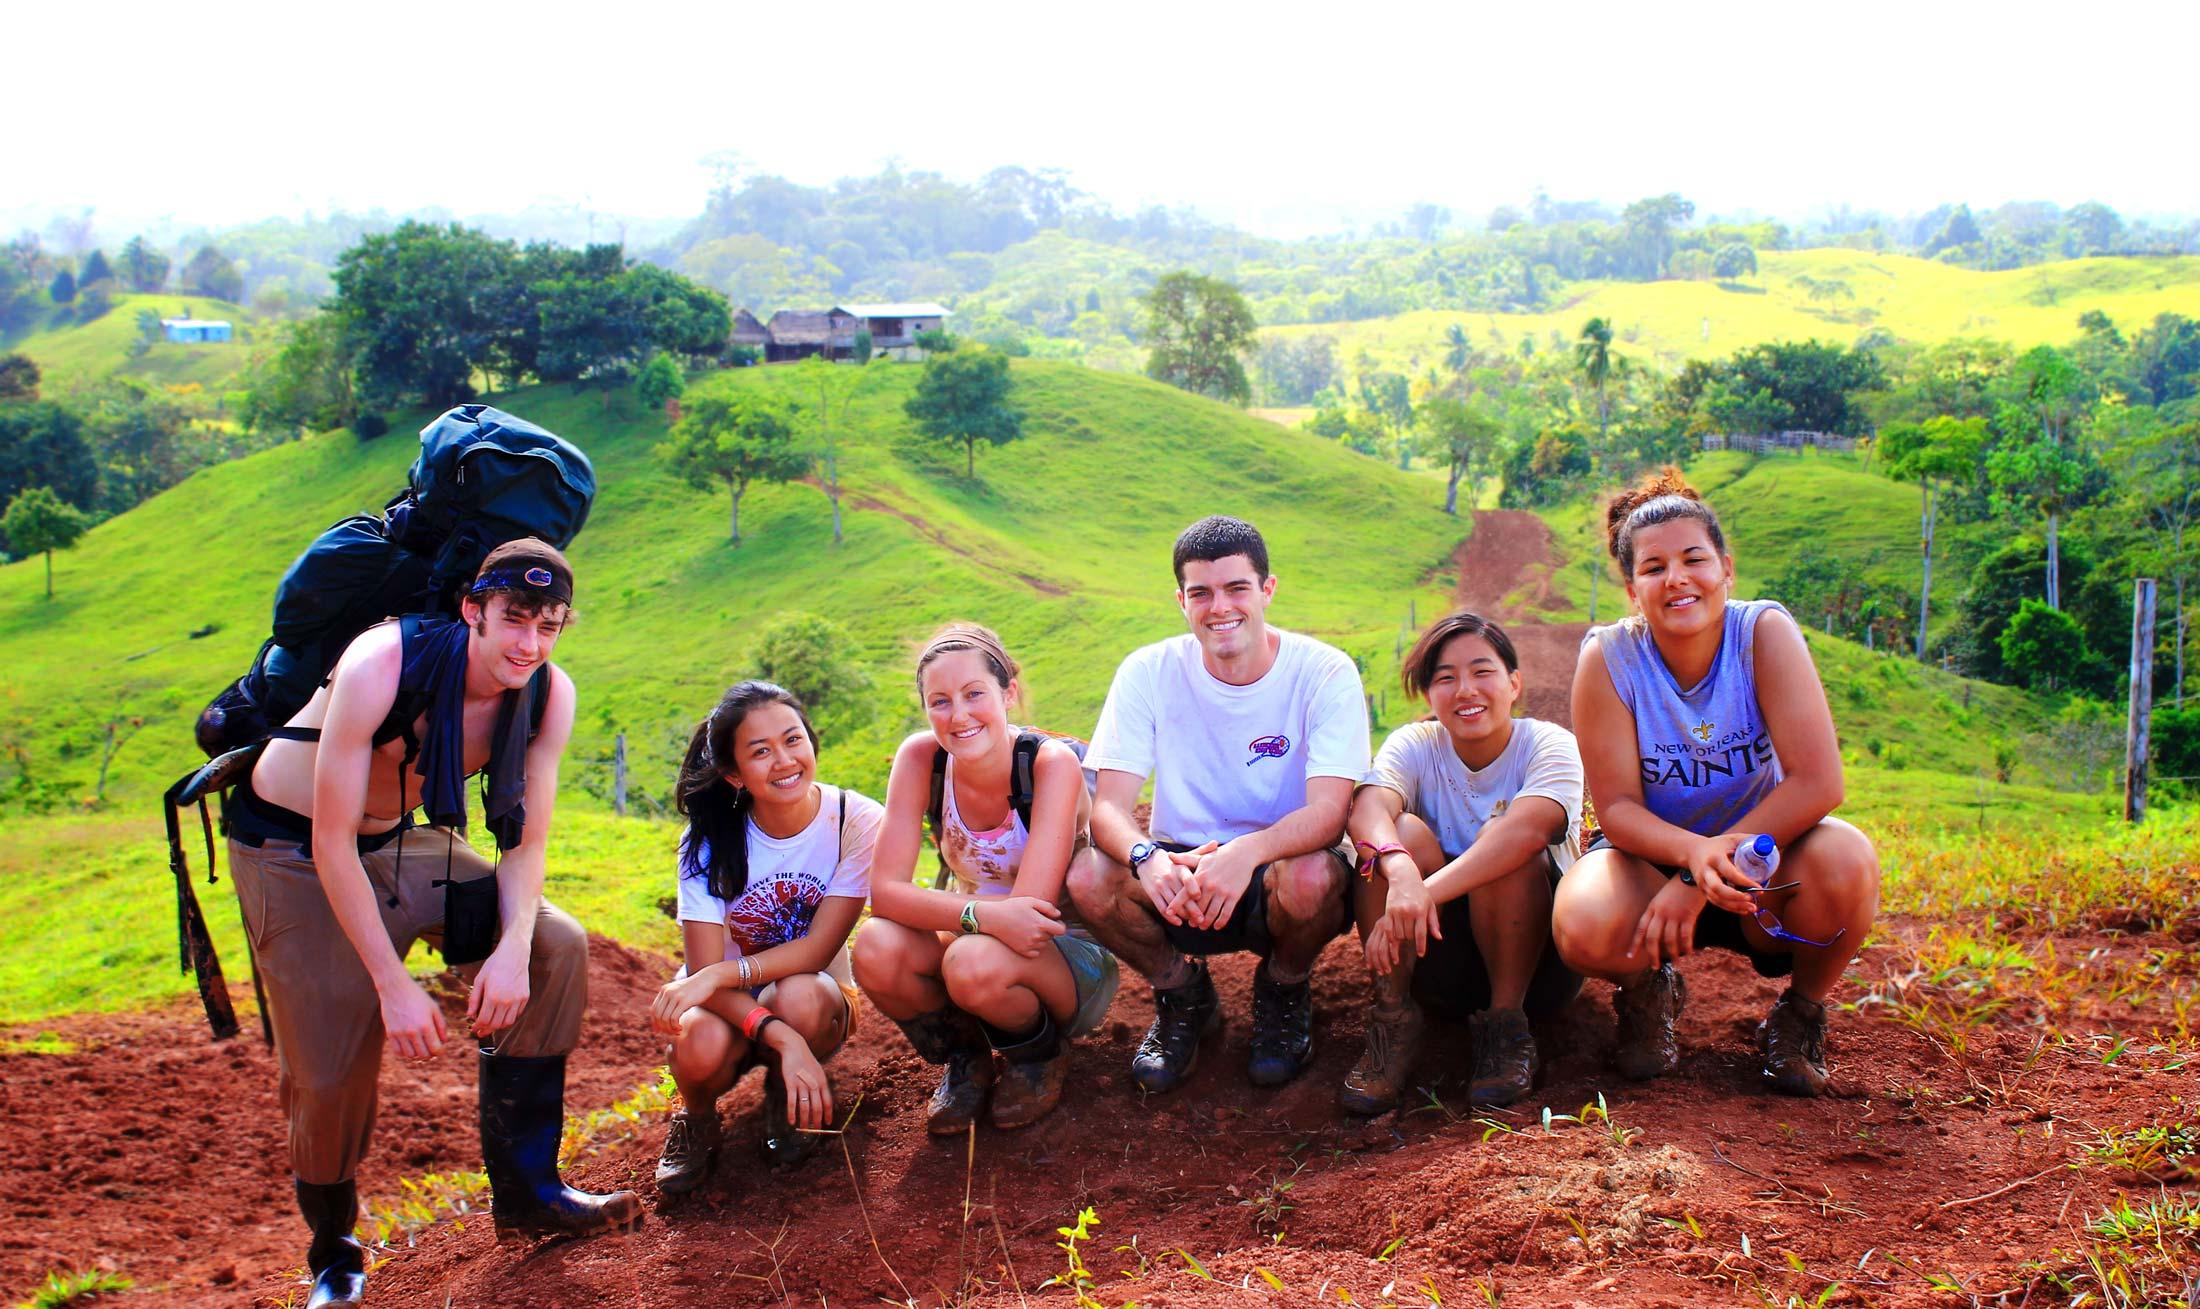 Hike For Humanity Volunteers Taking a Break